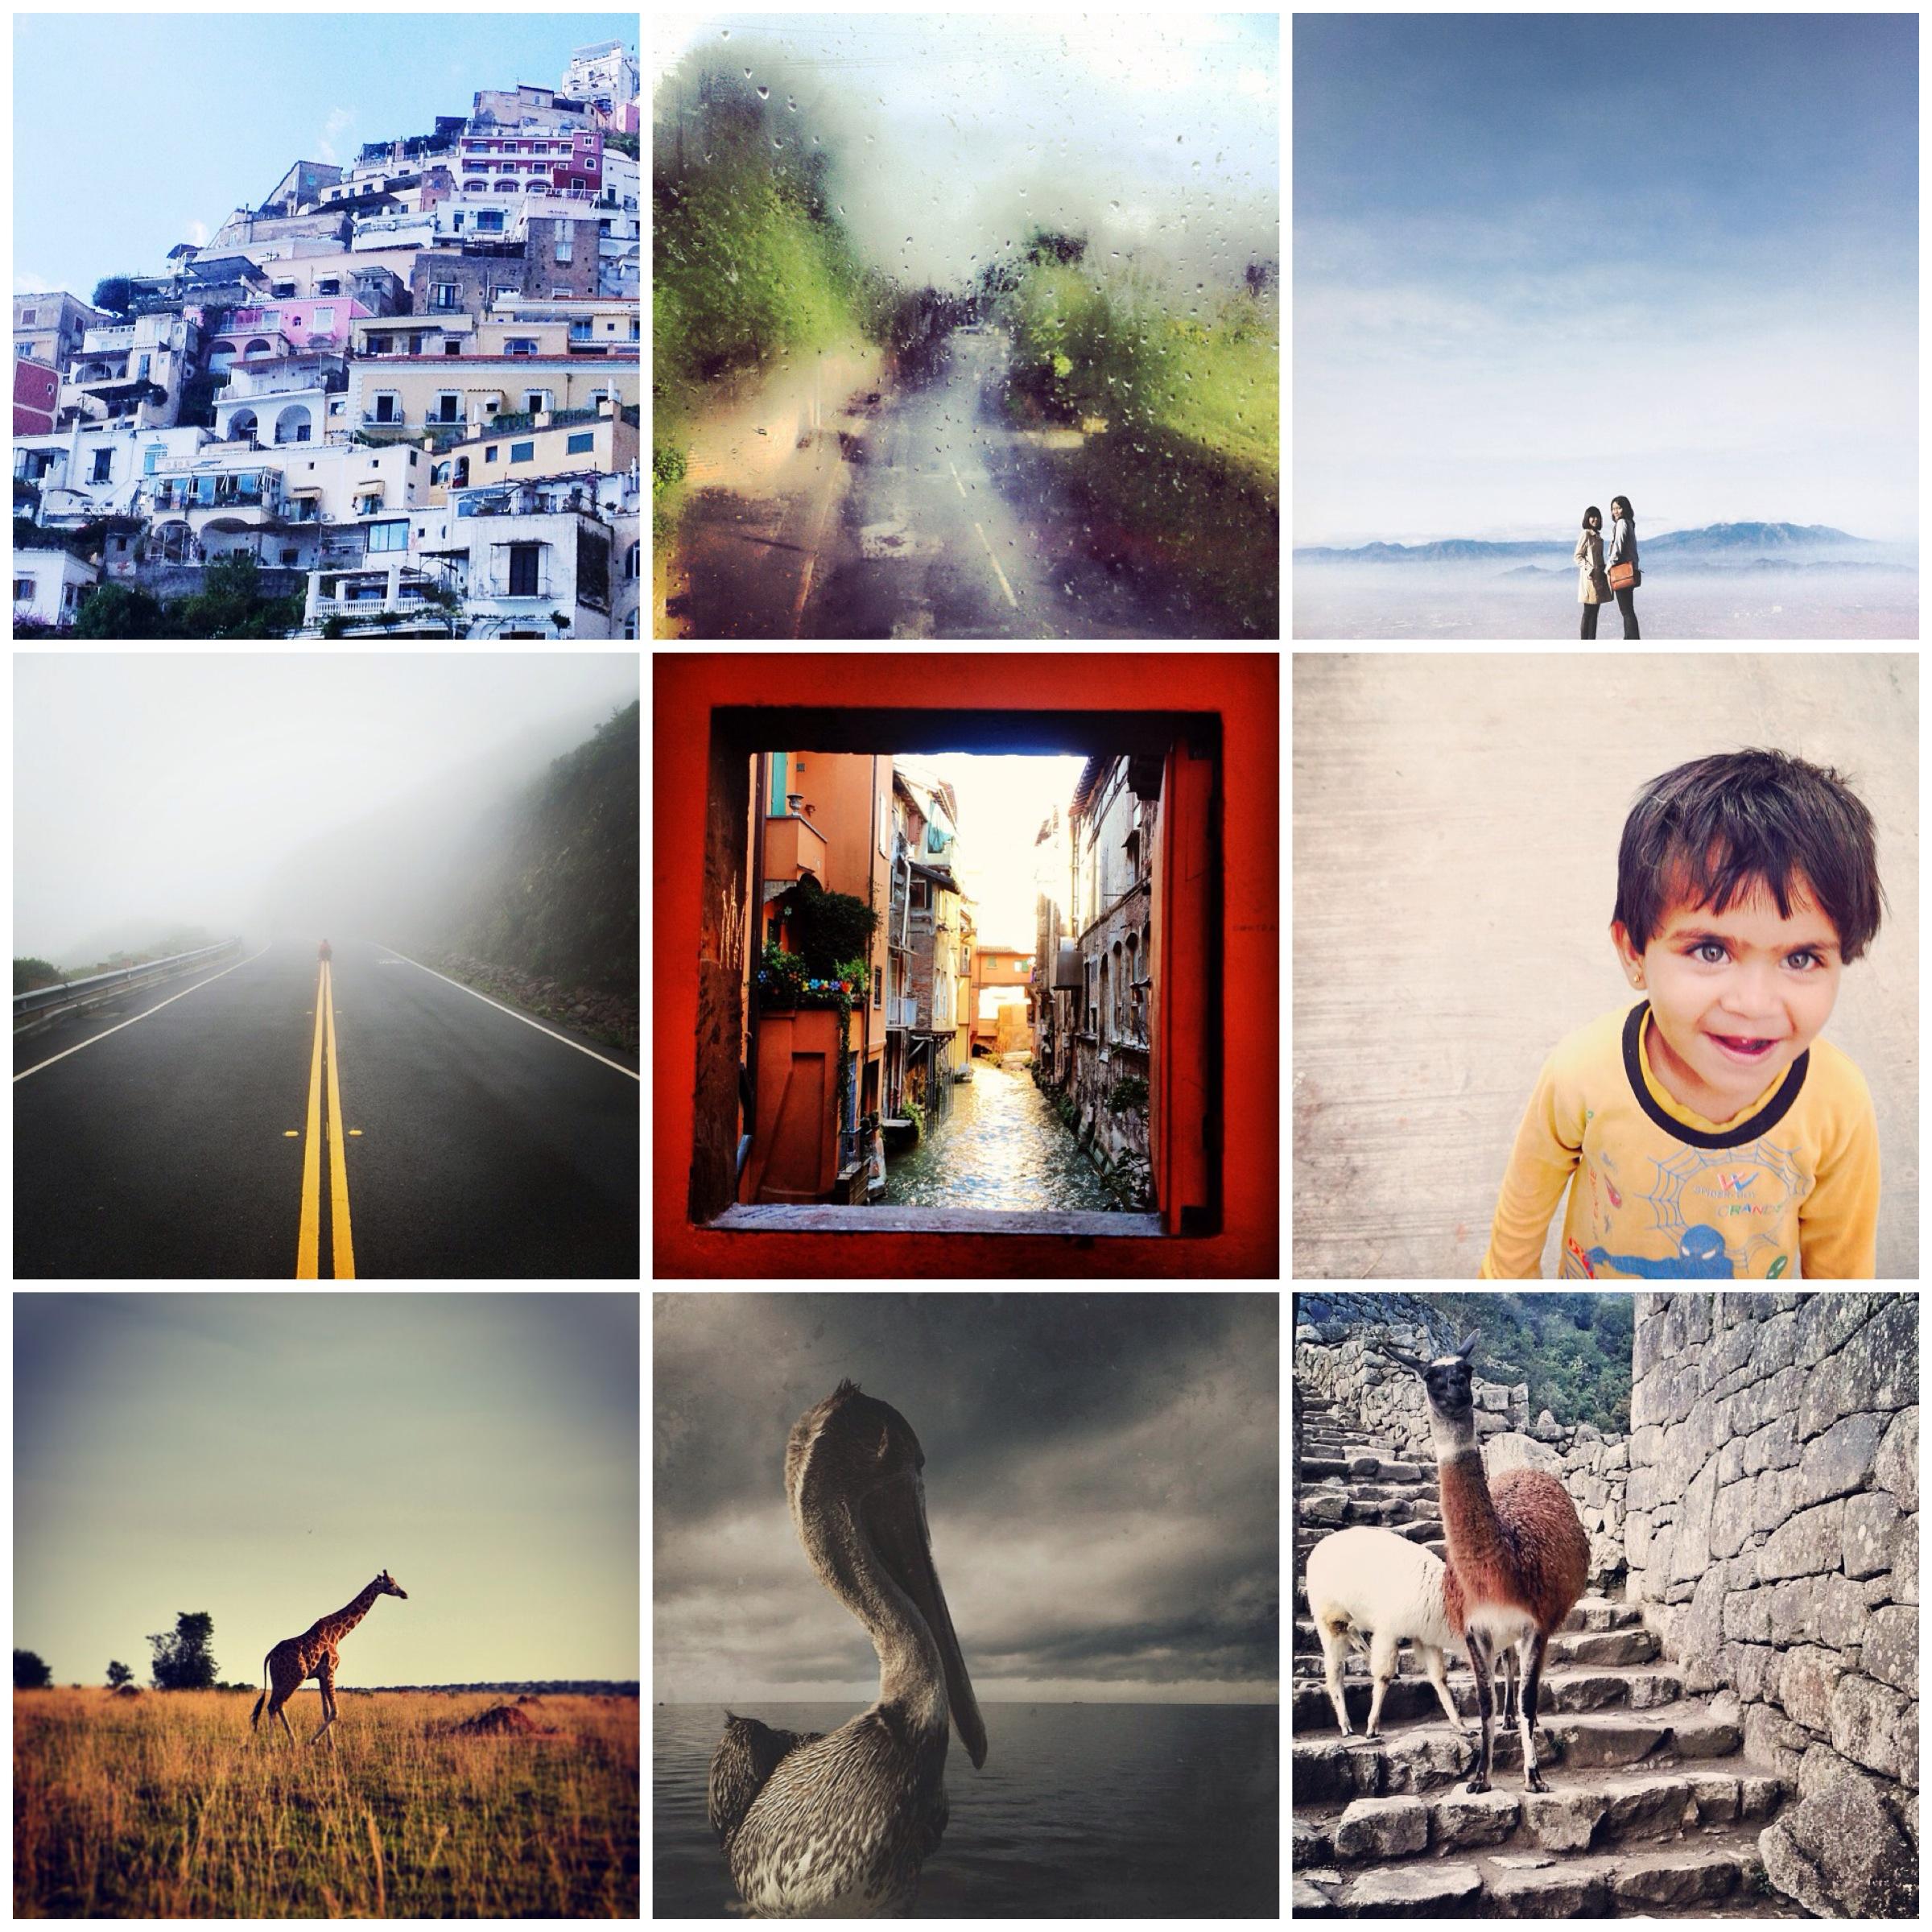 instagramLovesThisMonth